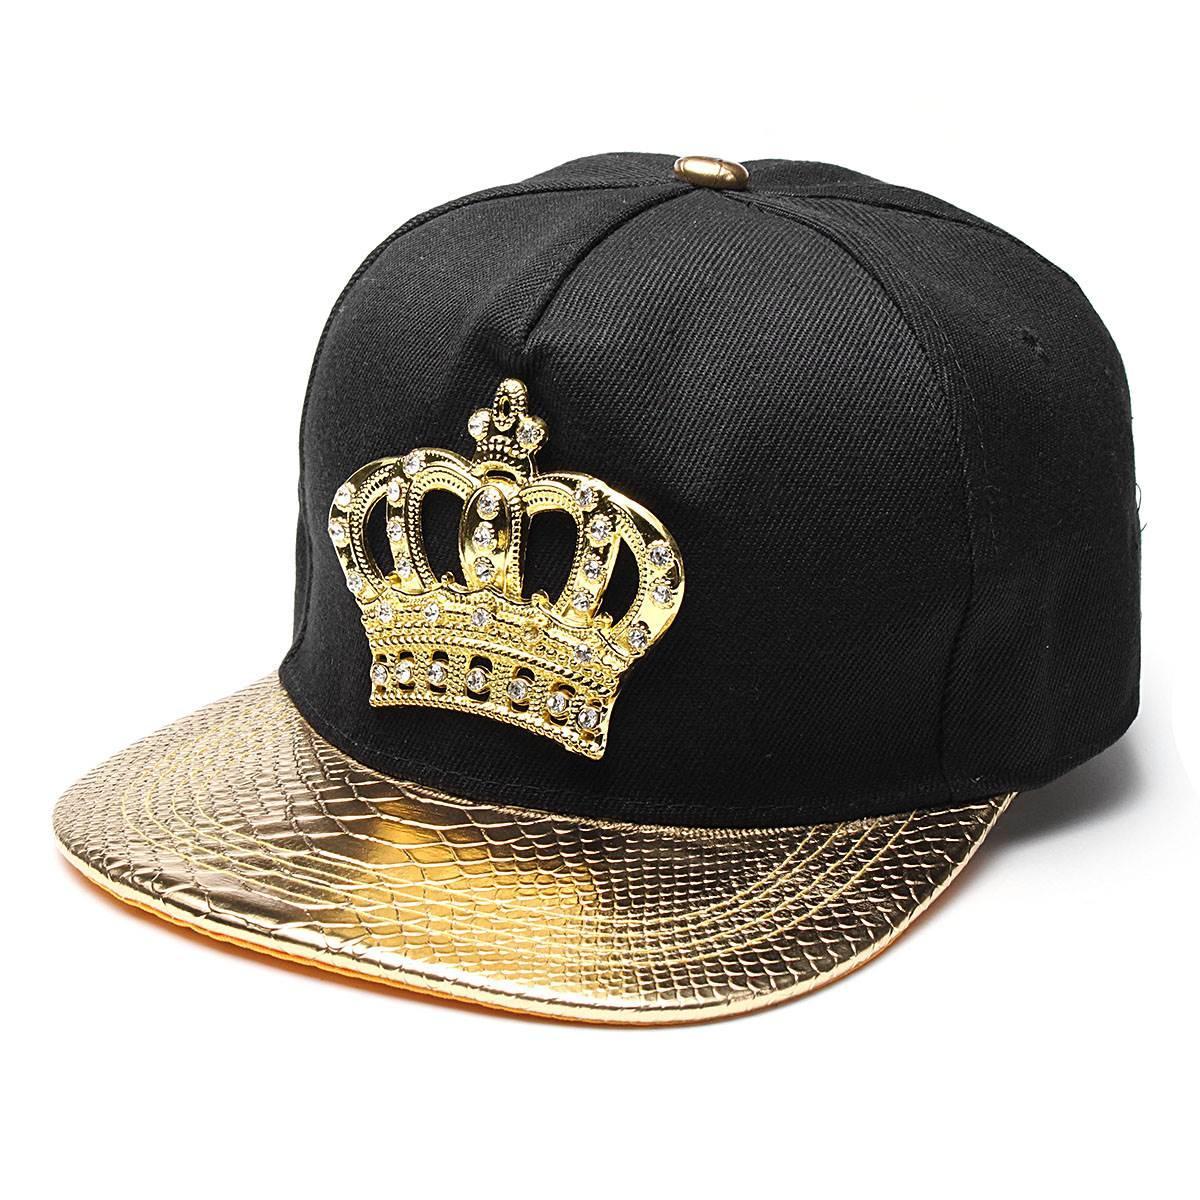 Compre Sombrero De Snapback Para Mujer Para Hombre KING Gorras De Béisbol  De La Corona Sombreros De Hip Hop Ajustables Gorra De Verano De Cristal  Rhinestone ... f1a74076c72